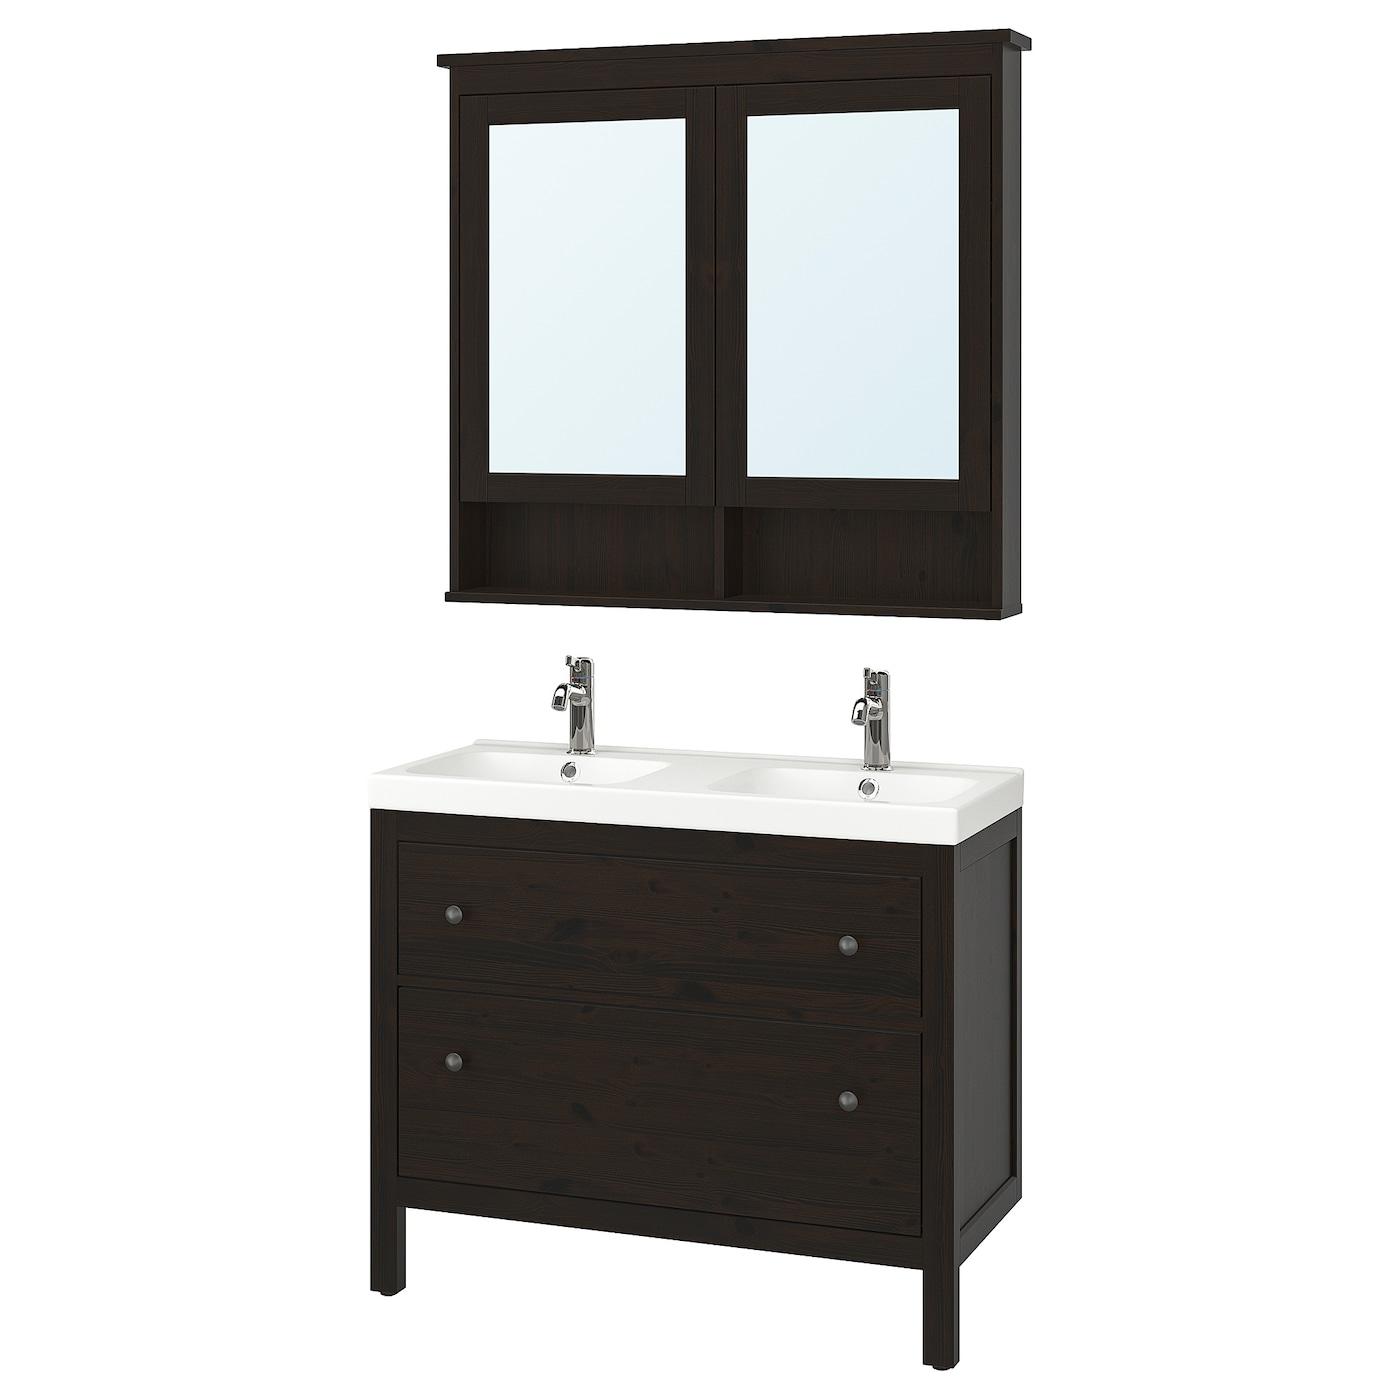 Hemnes odensvik mobilier salle de bain 5 pi ces brun - Ustensiles salle de bain ...